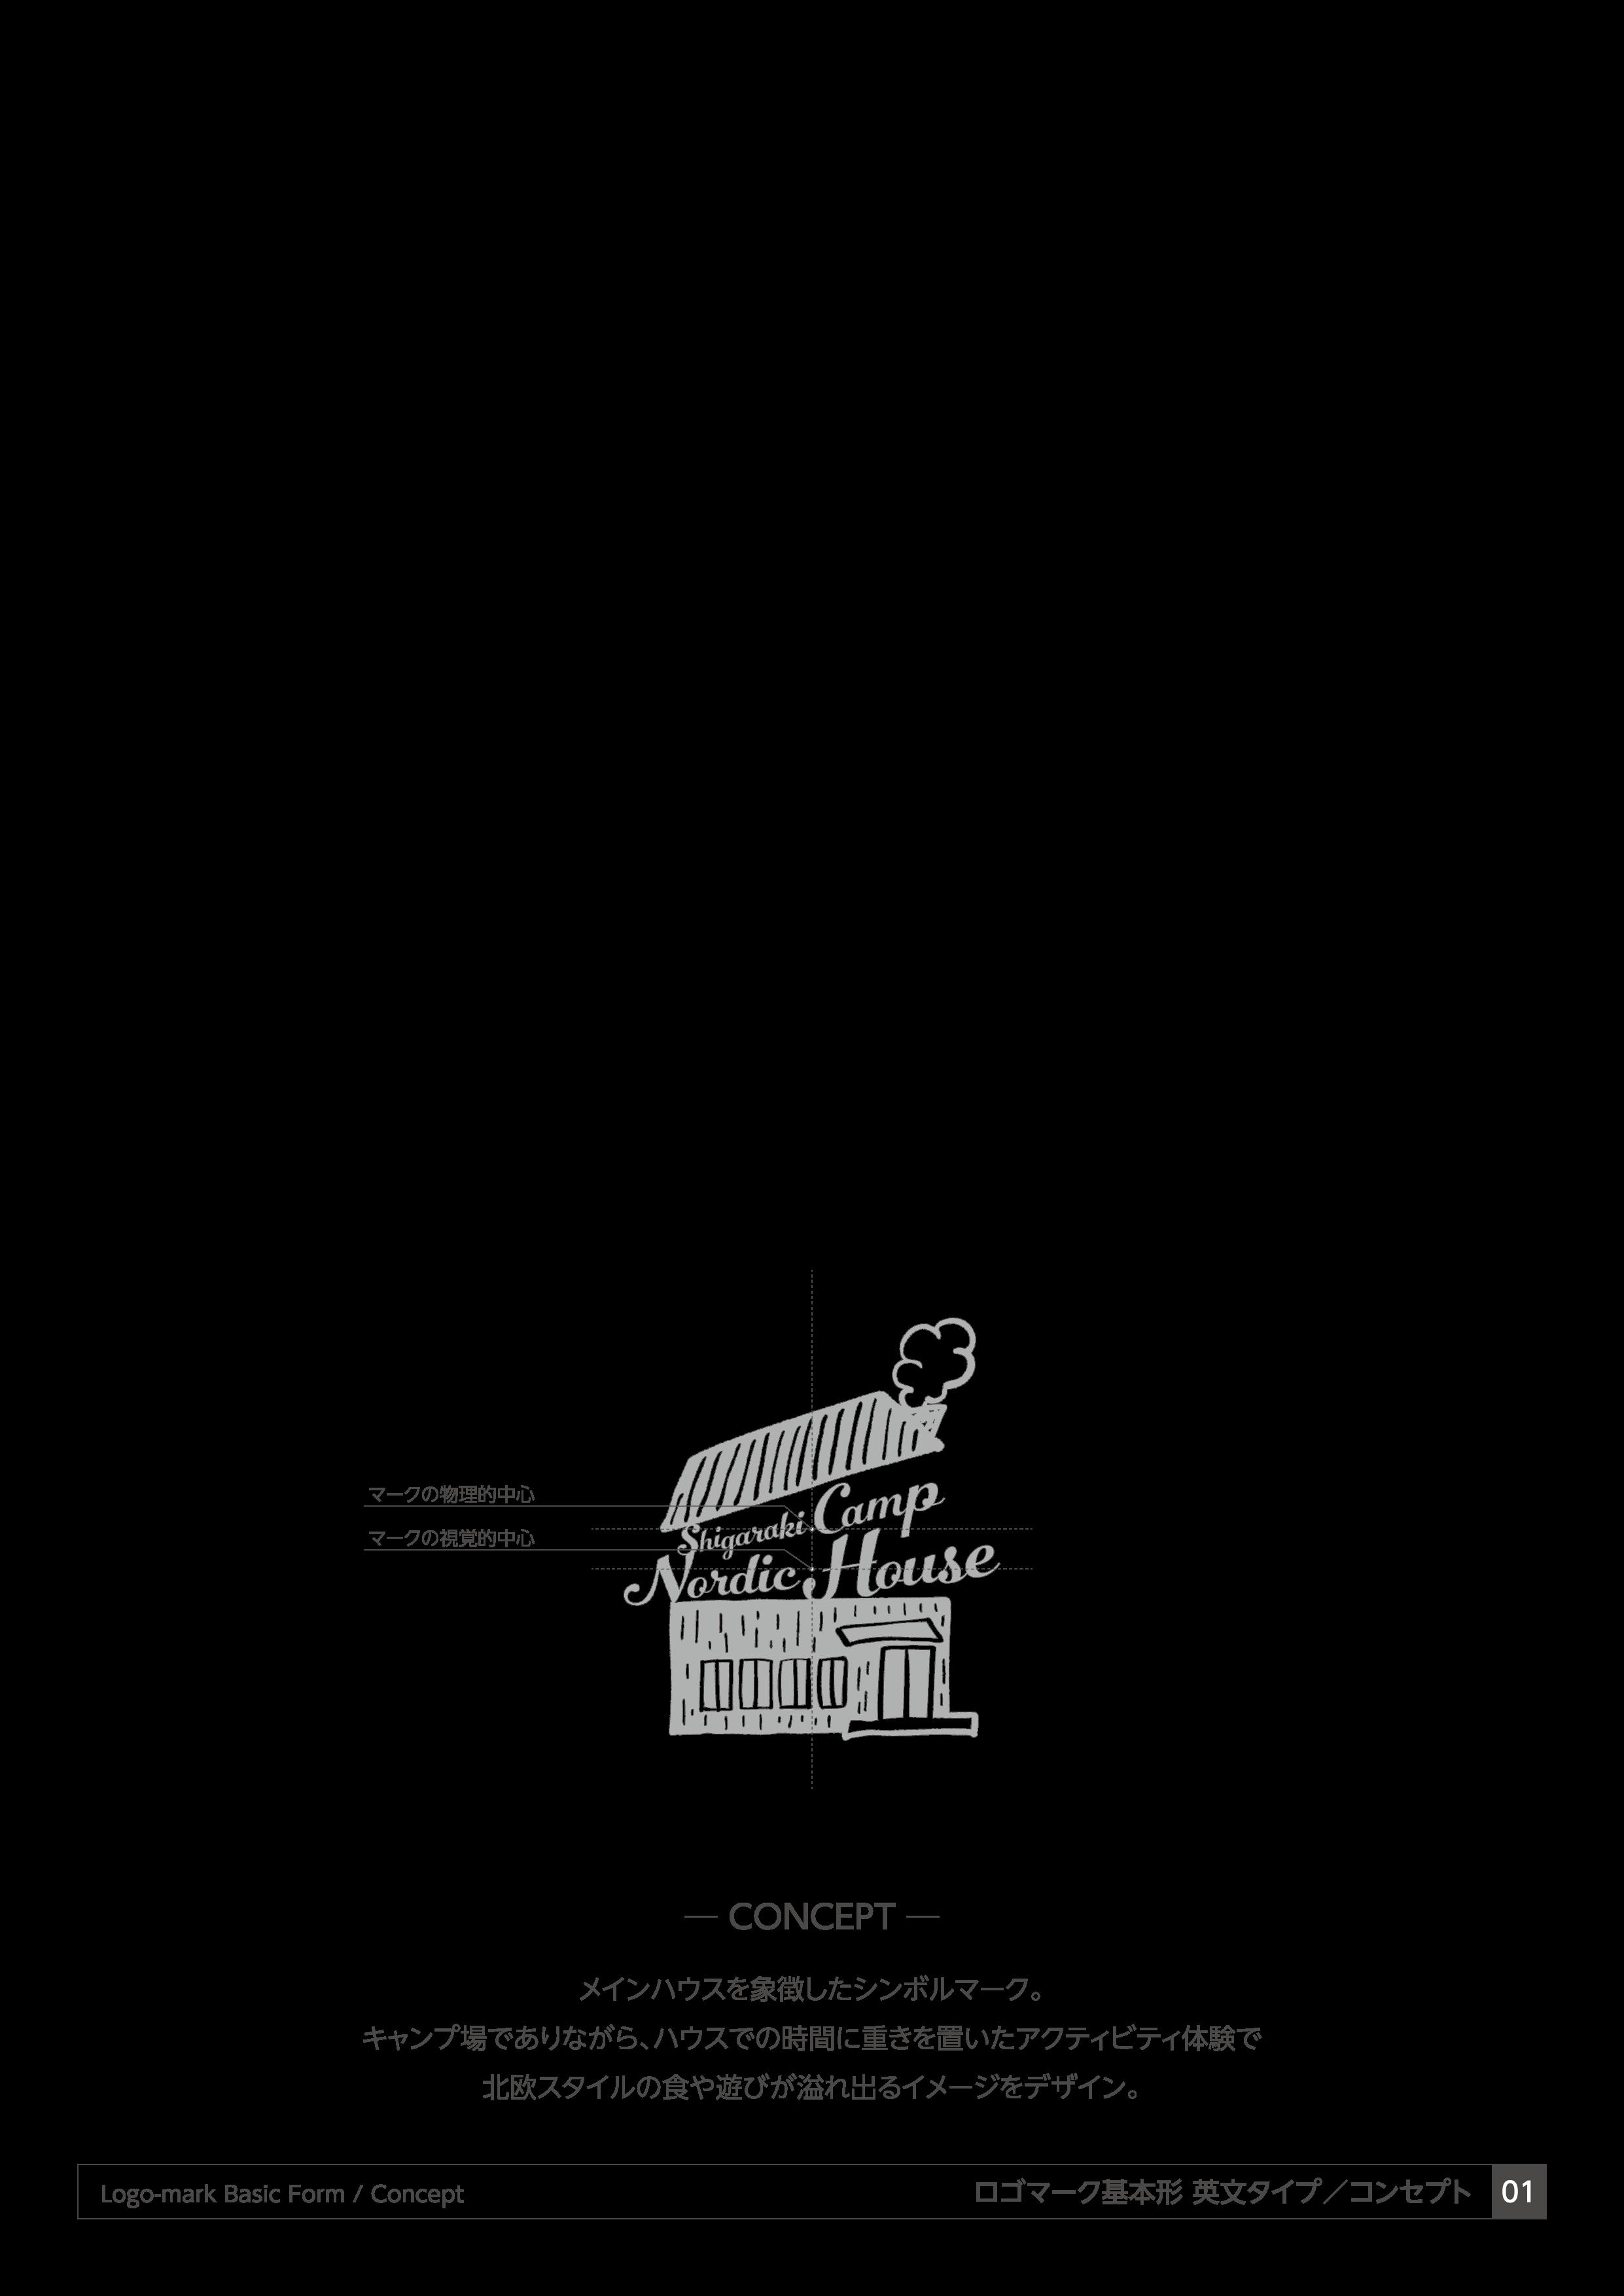 信楽キャンプ北欧ハウス ロゴマーク03